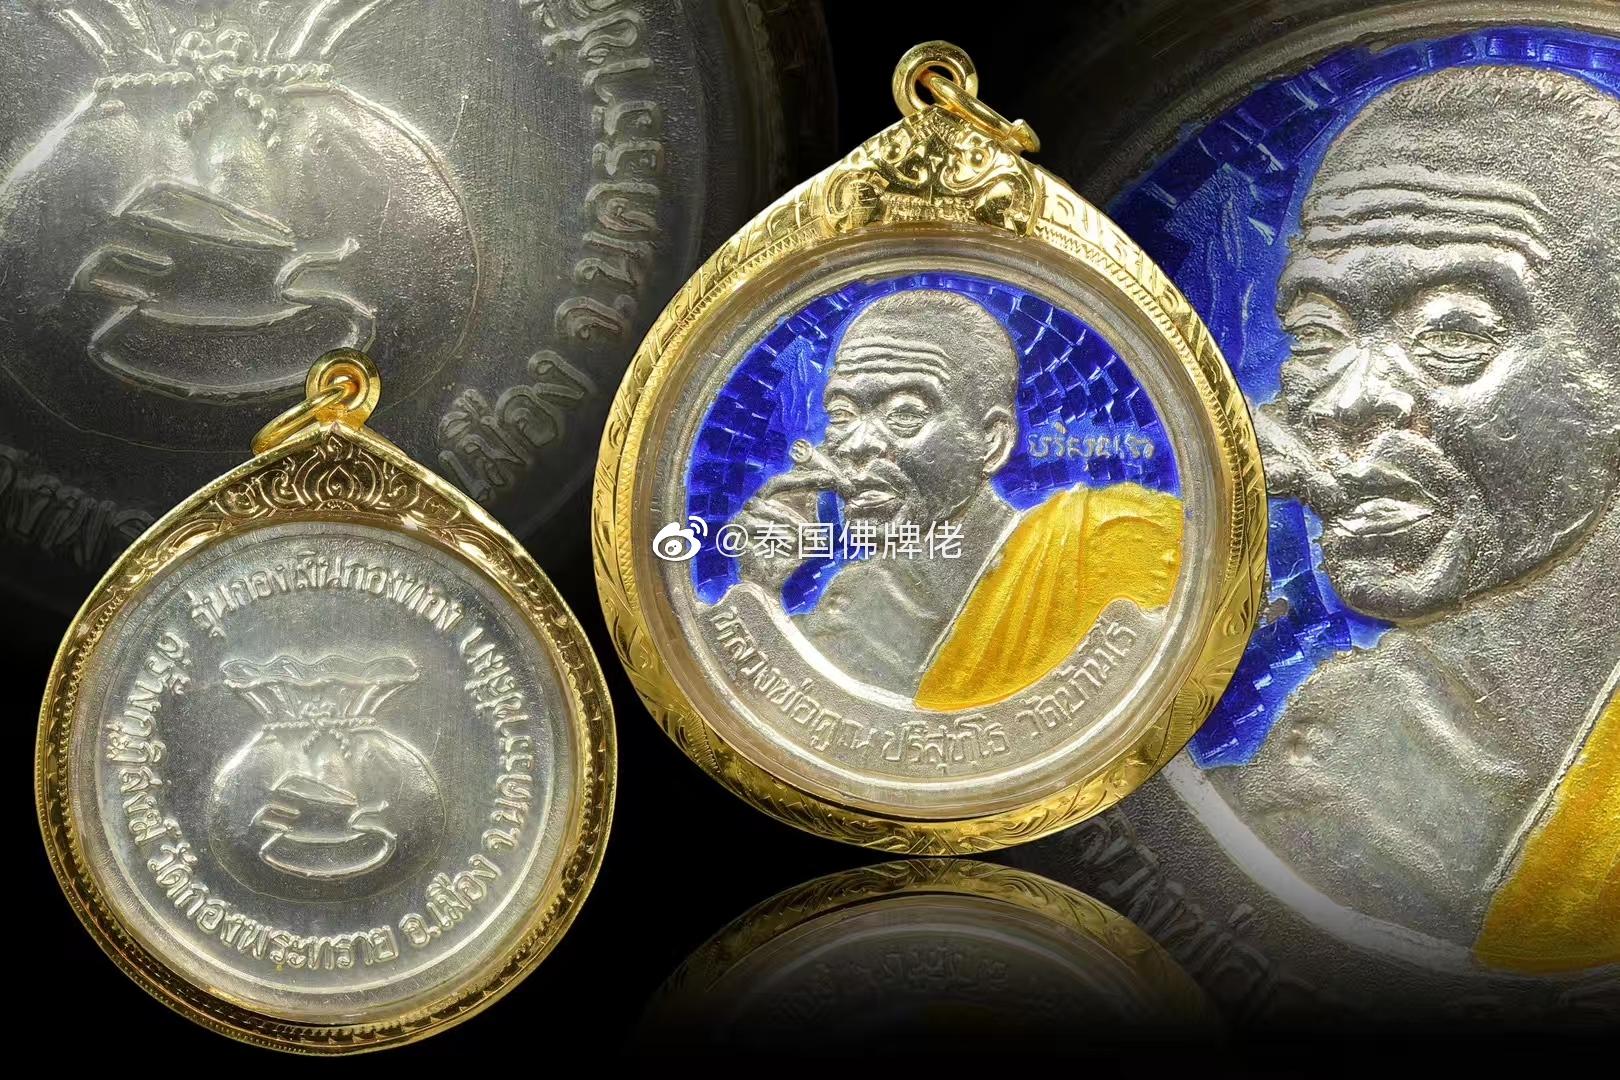 泰国活财神龙婆坤,佛历2537年,钱袋子自身、银元通花模